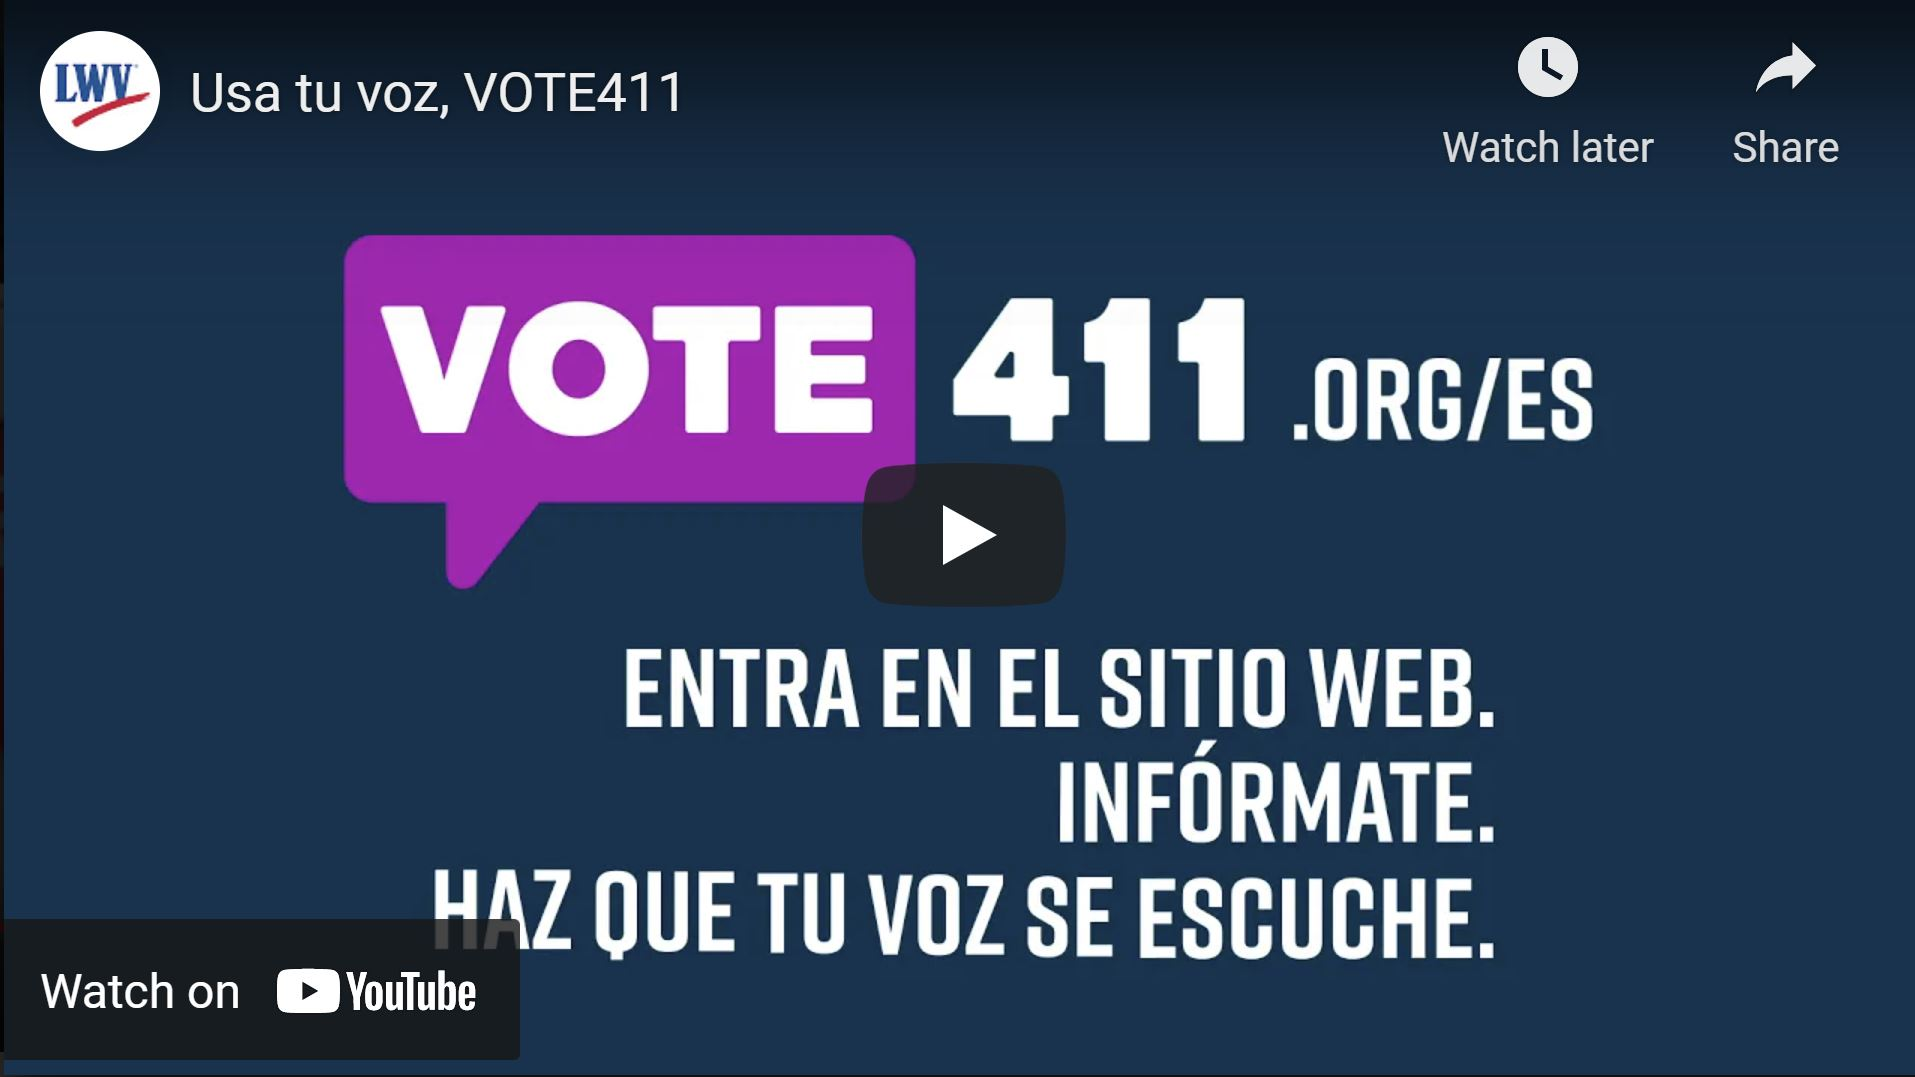 Usa tu voz vote 411